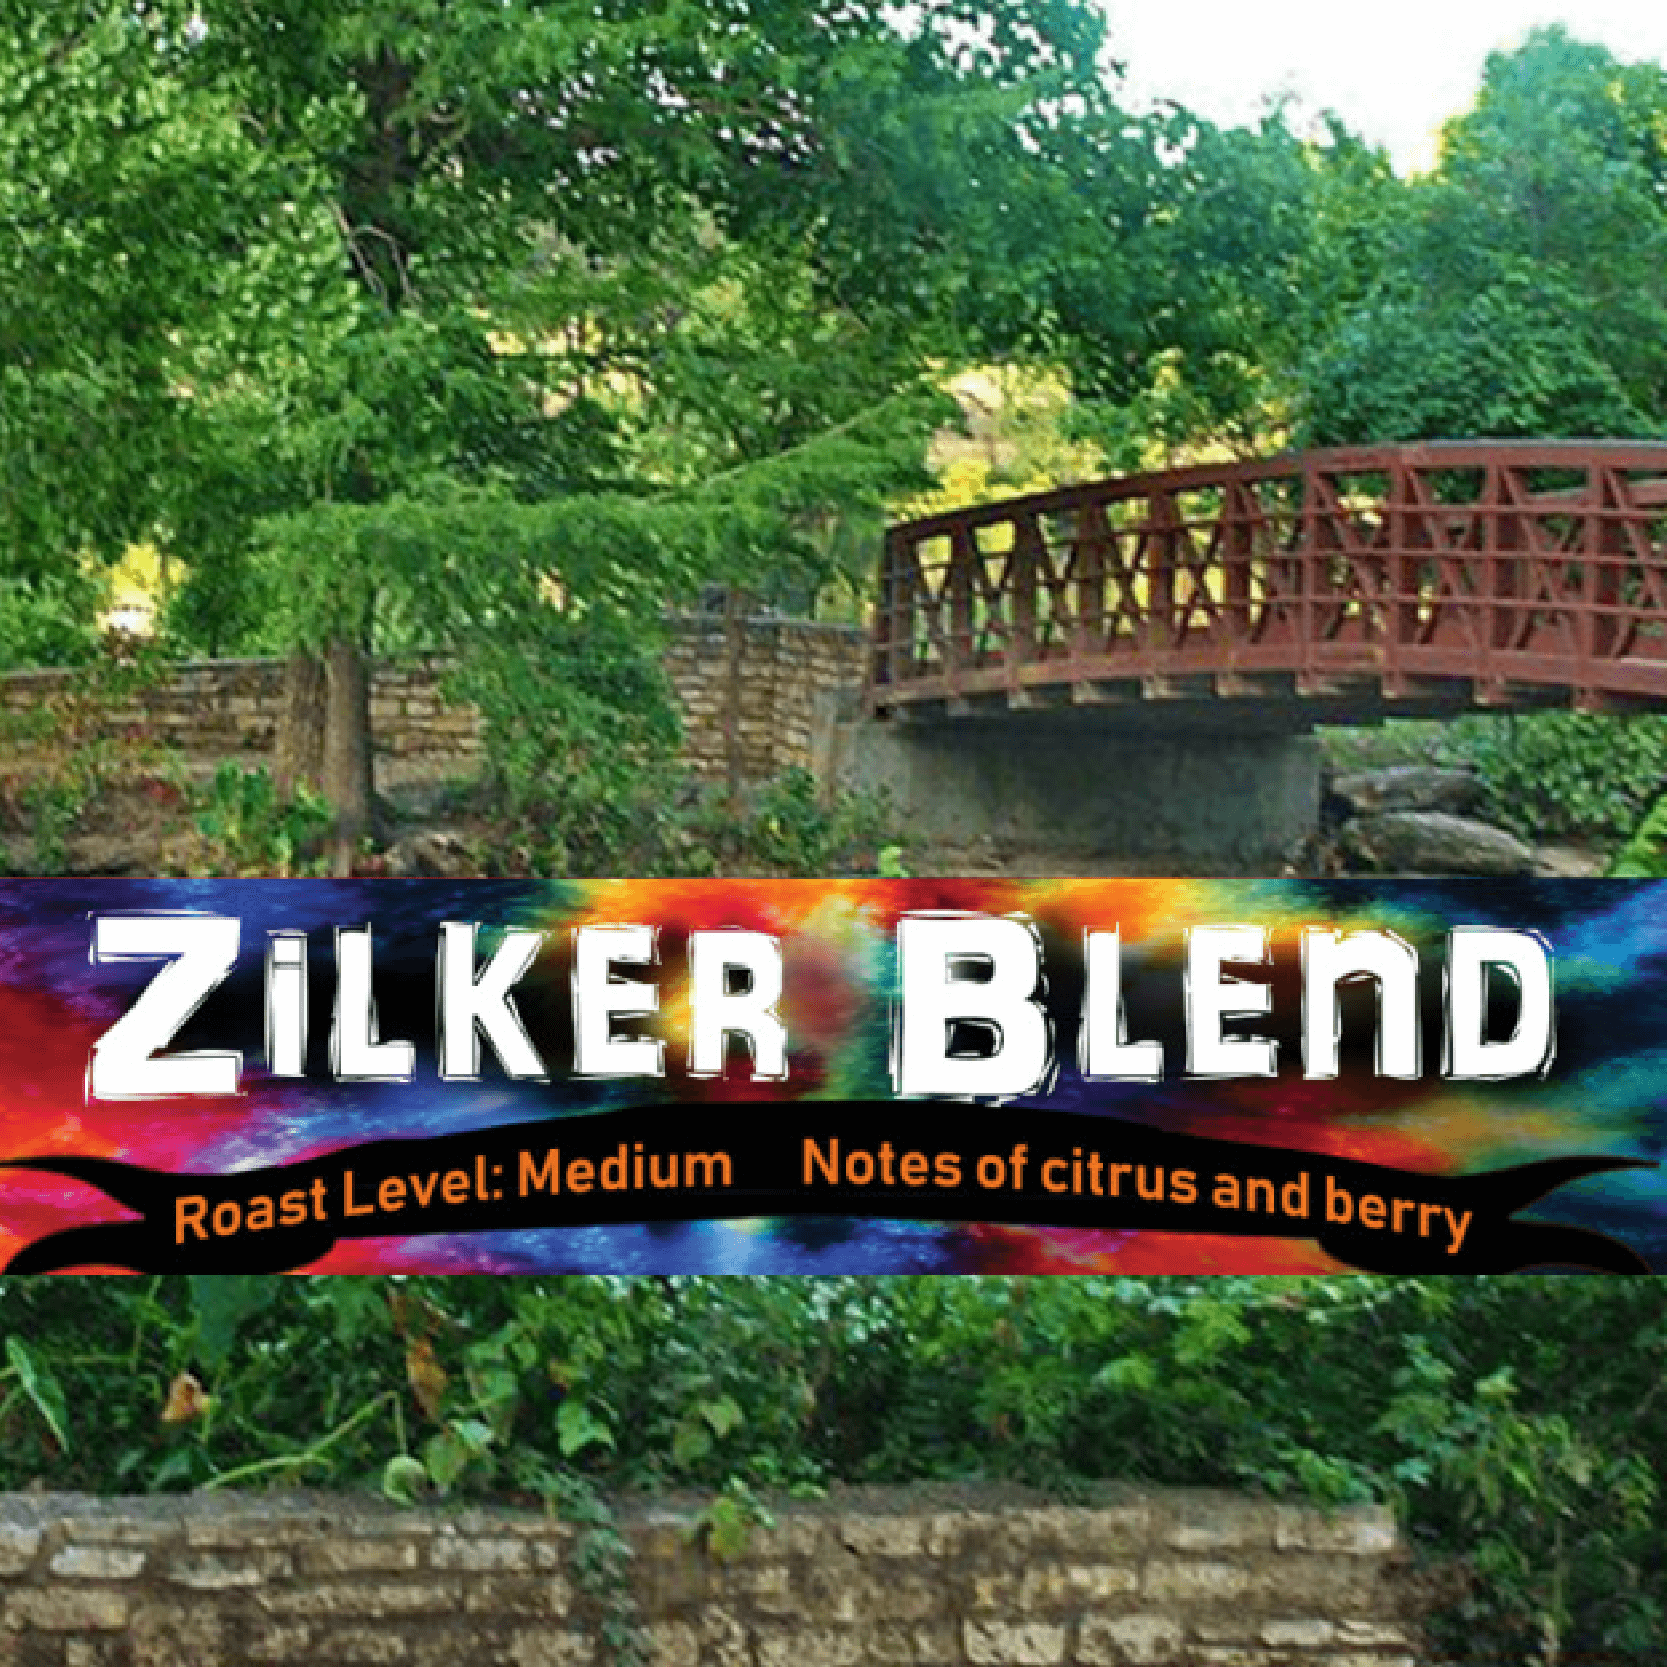 Zilker Blend from Malone Specialty Coffee